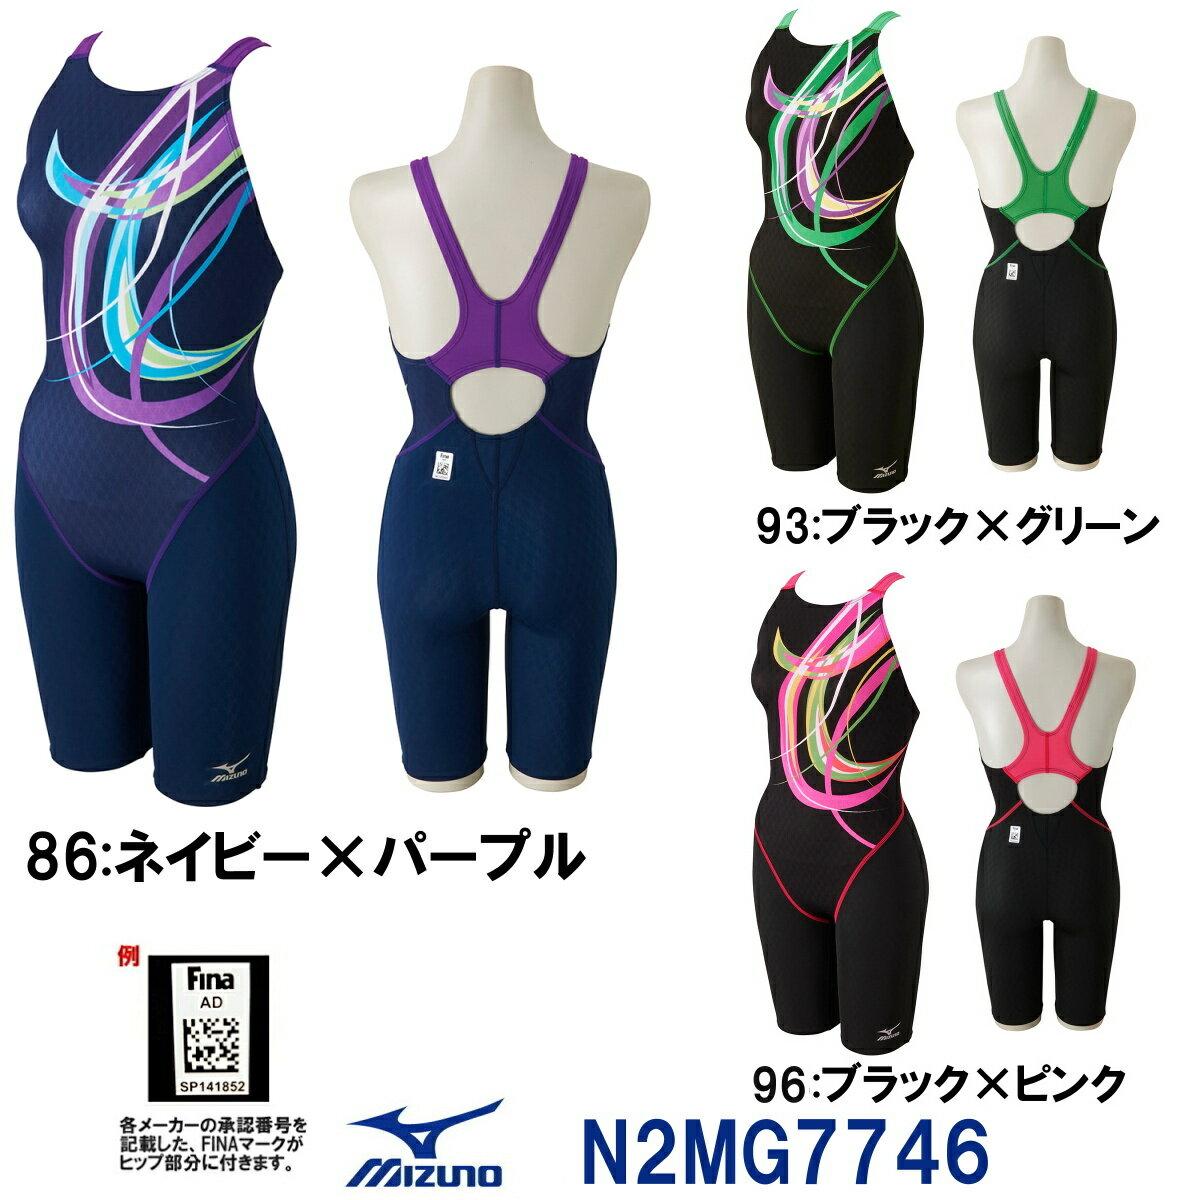 【送料無料】【N2MG7746】MIZUNO(ミズノ)レディース競泳水着StreamAqutivaストリームフィットハーフスーツ